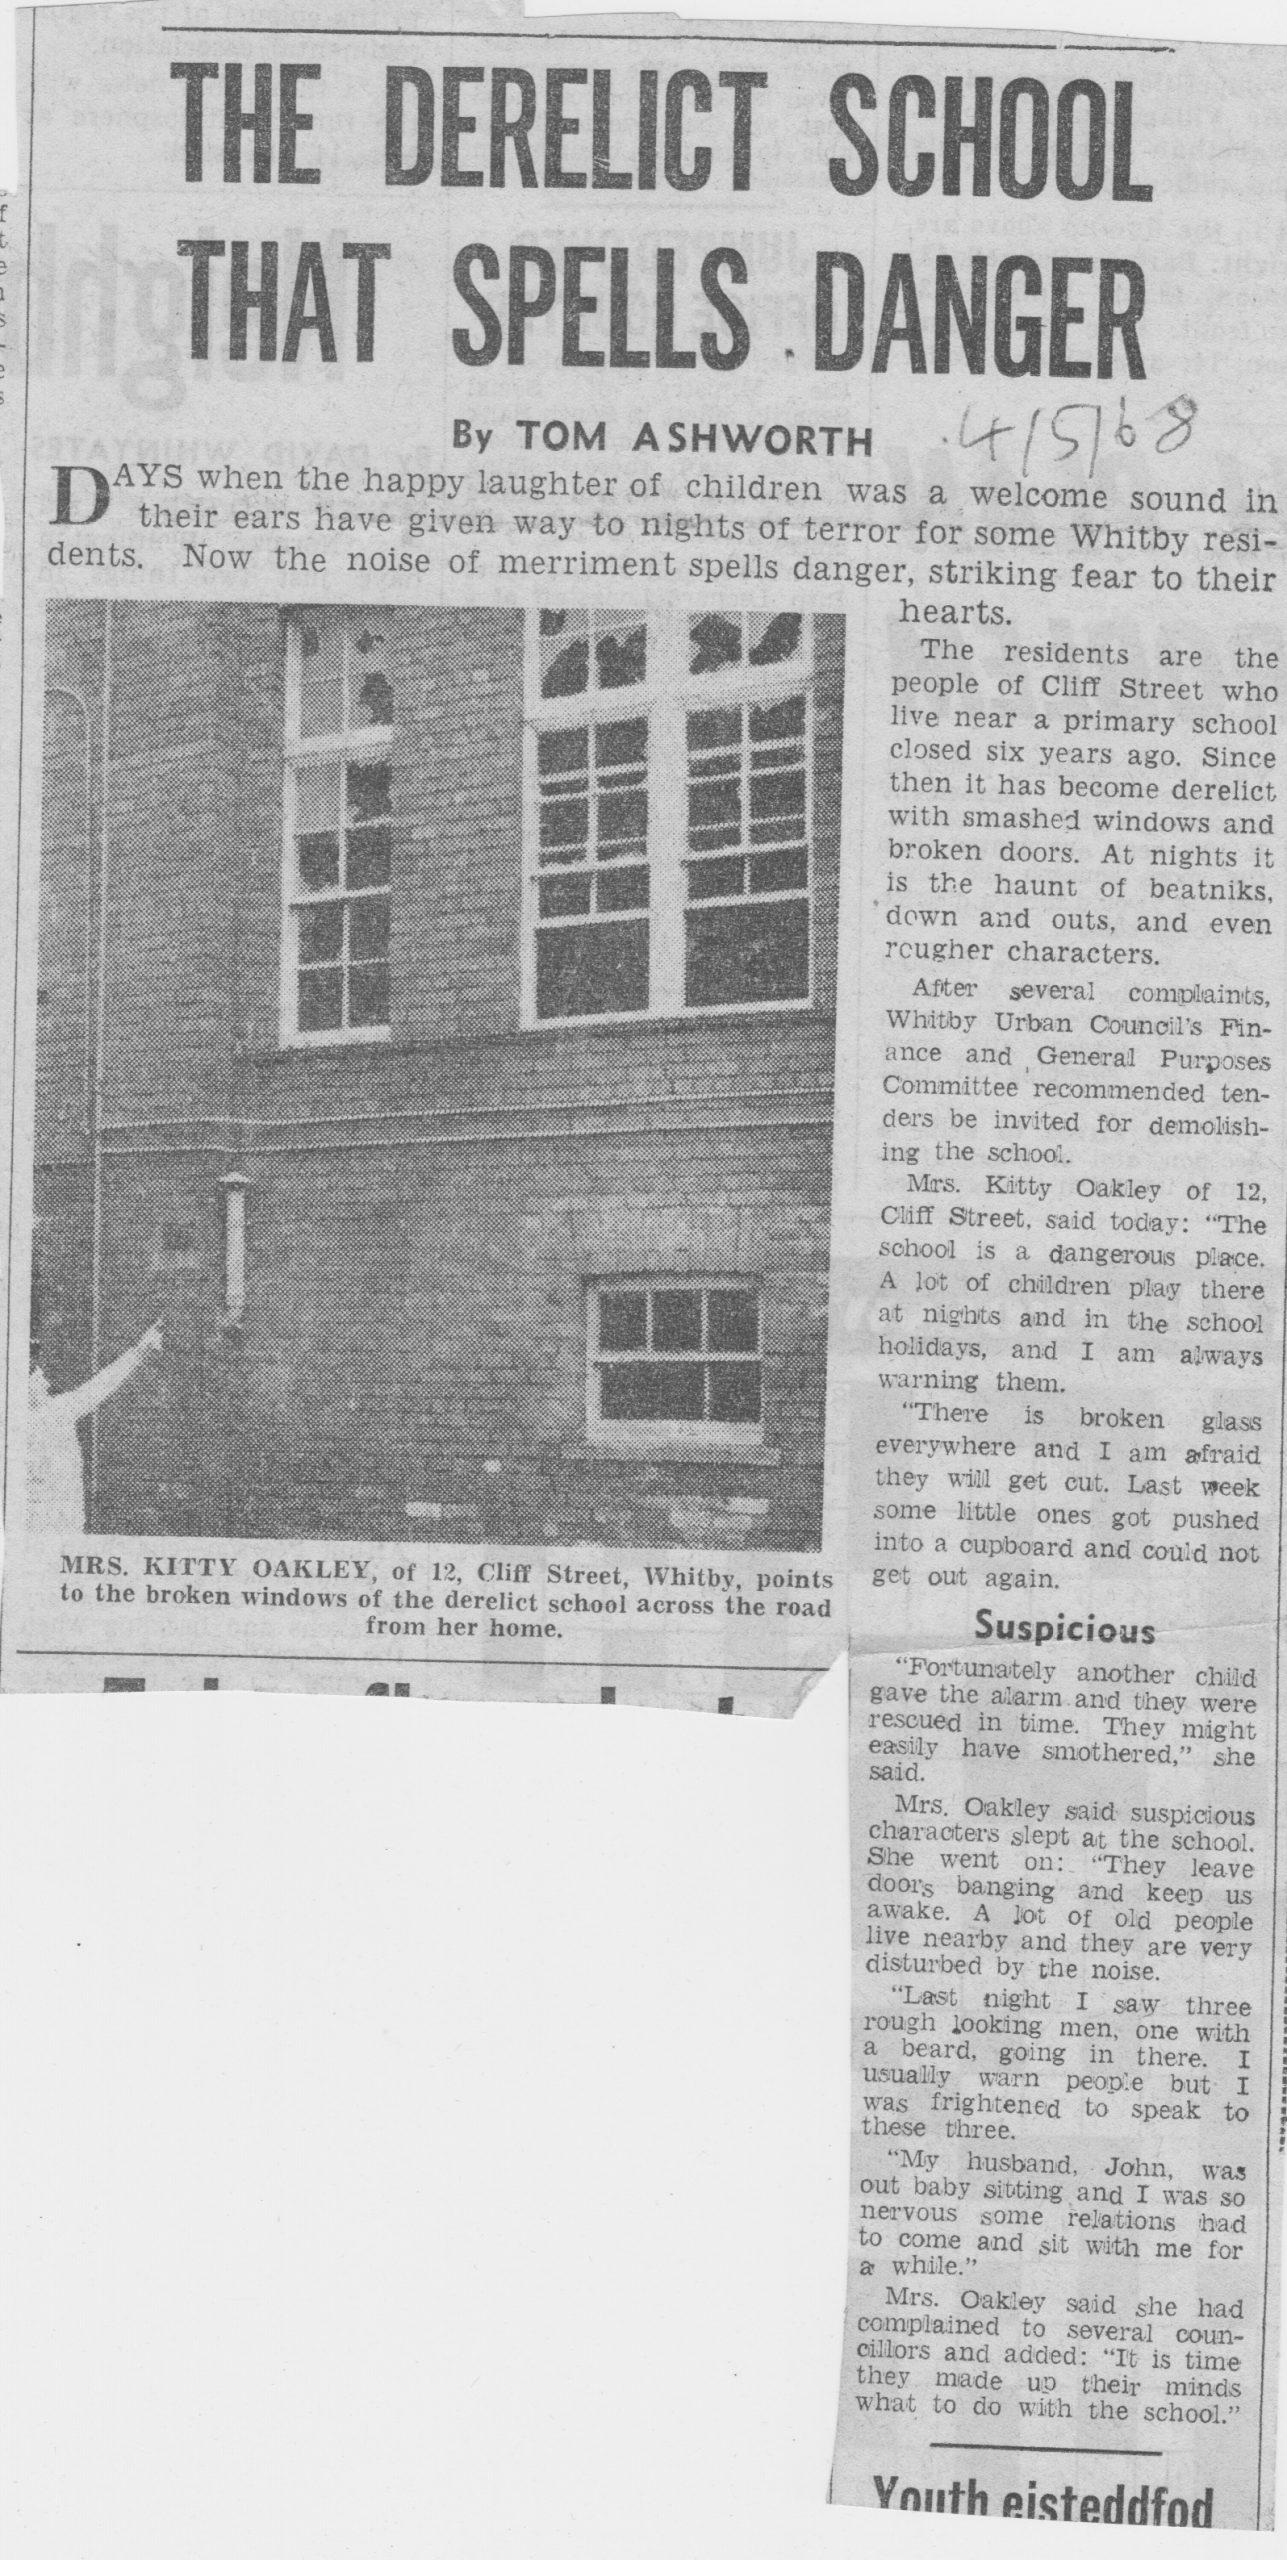 Former Cliff Street School is derelict and dangerous